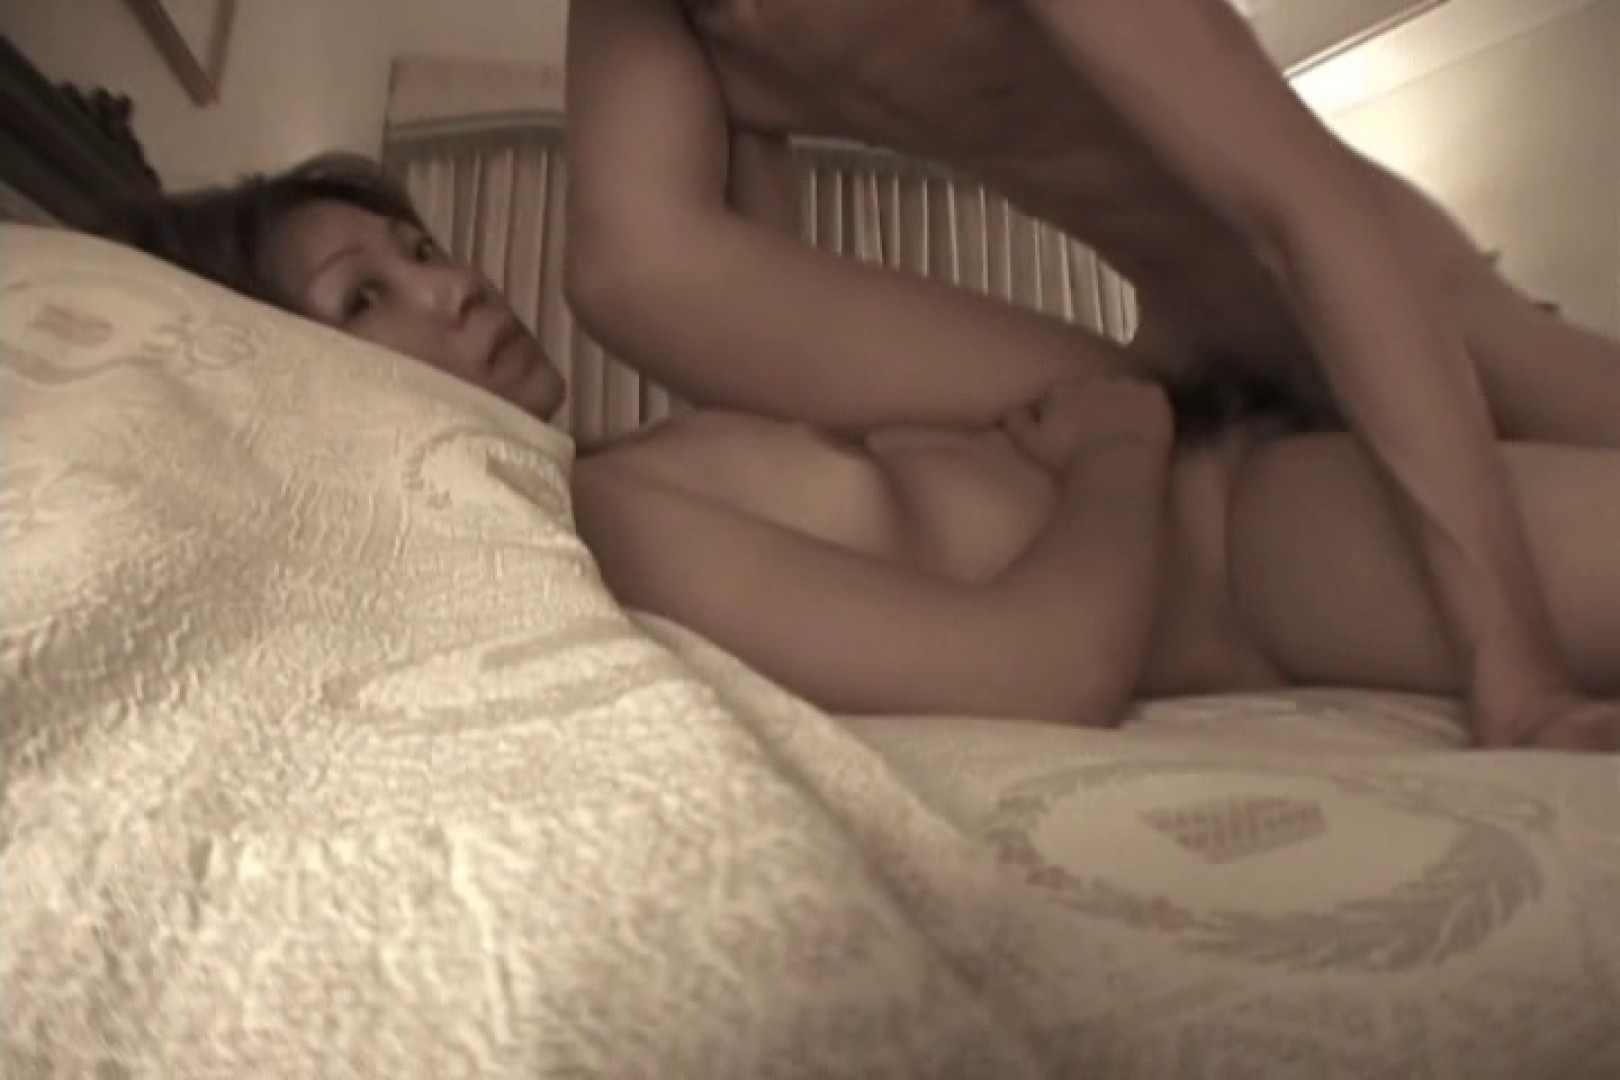 ツンデレ素人嬢もチンポには弱い~増田あけみ~ 素人丸裸   フェラ  99pic 5